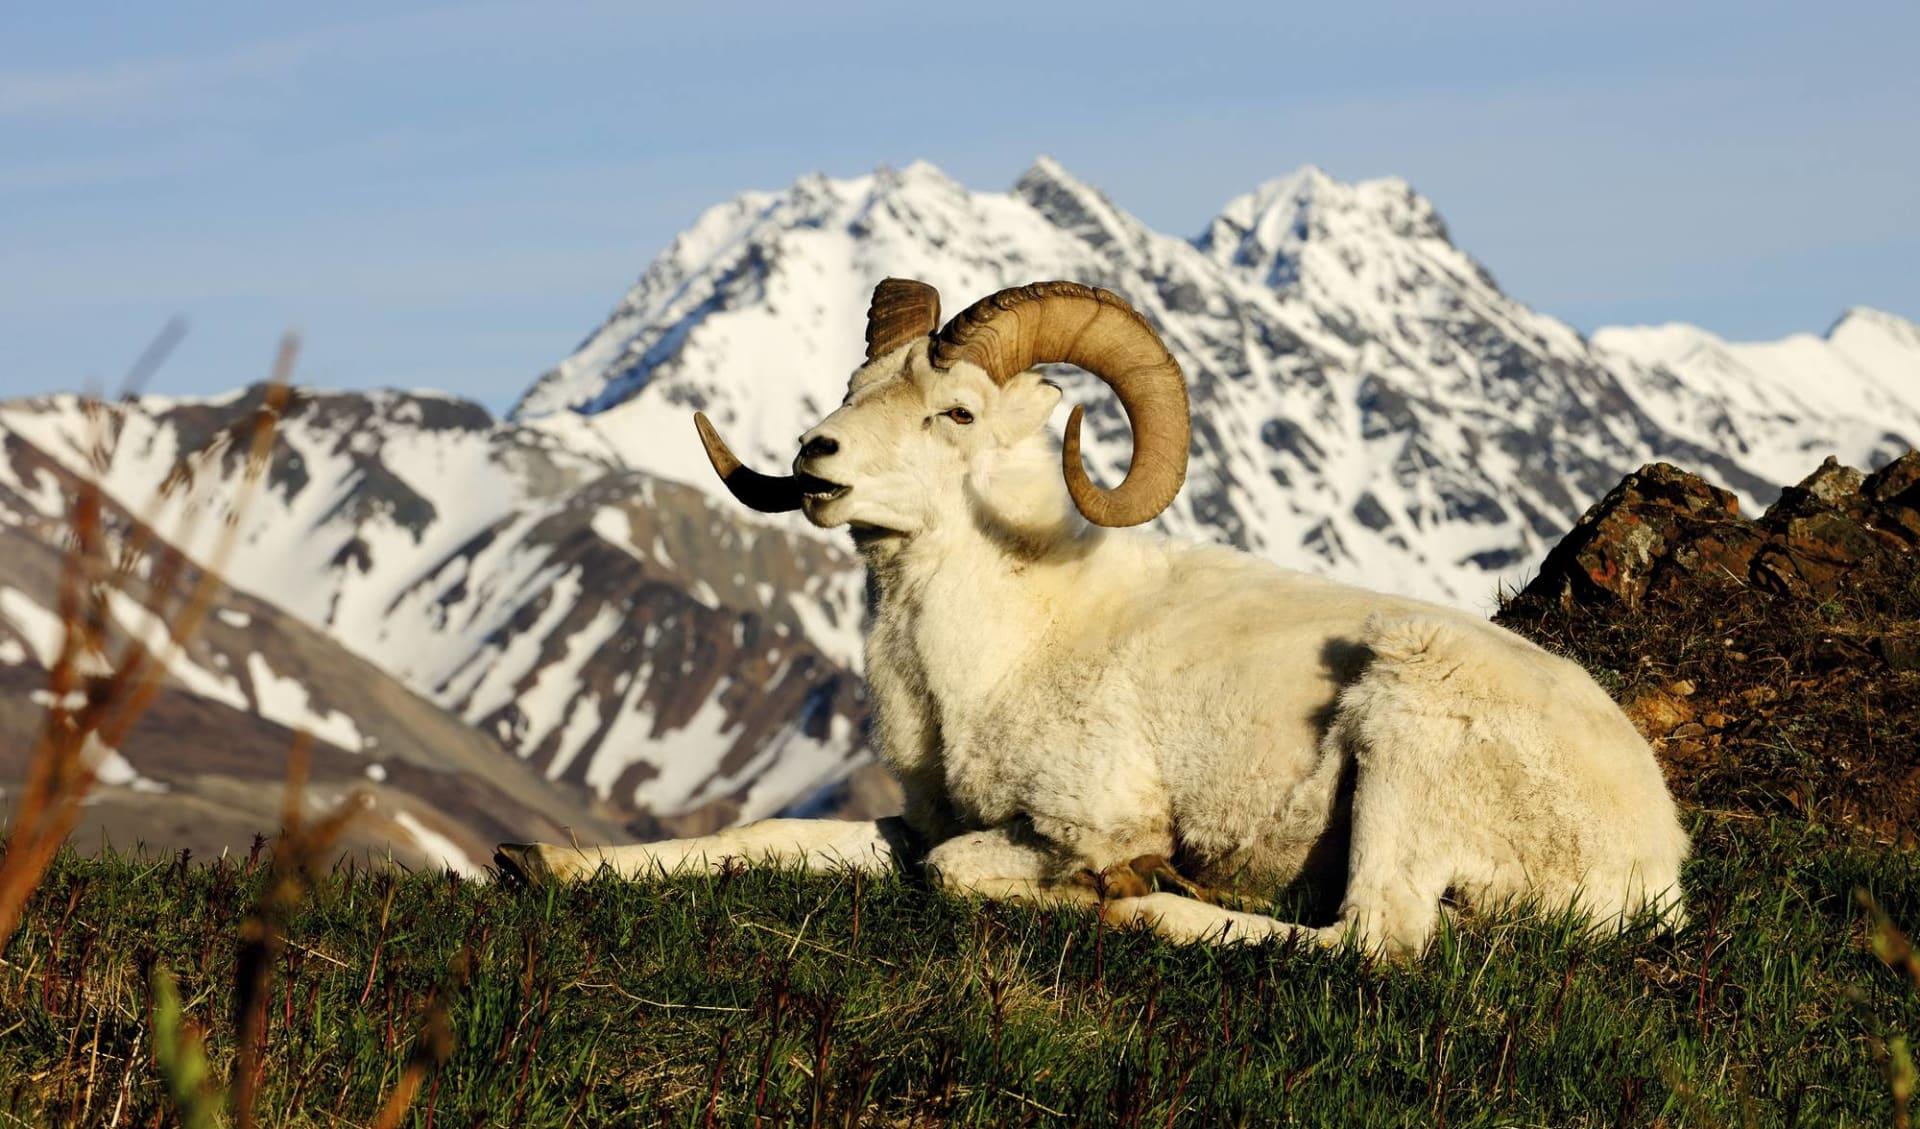 Höhepunkte des Nordens ab Anchorage: Alaska - Denali Nationalpark - Schaf